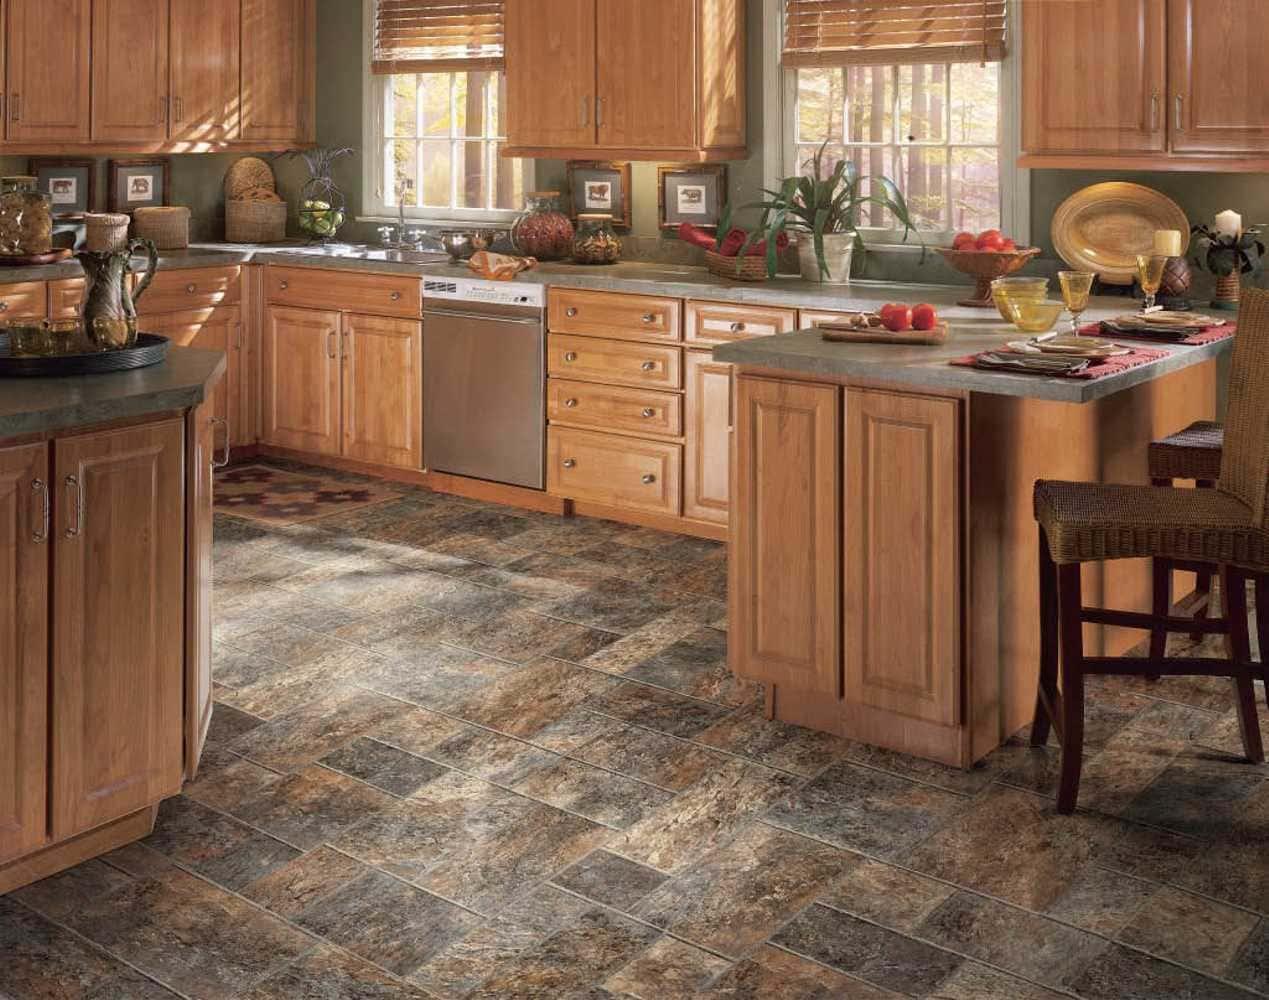 текстурный линолеум на полу кухни